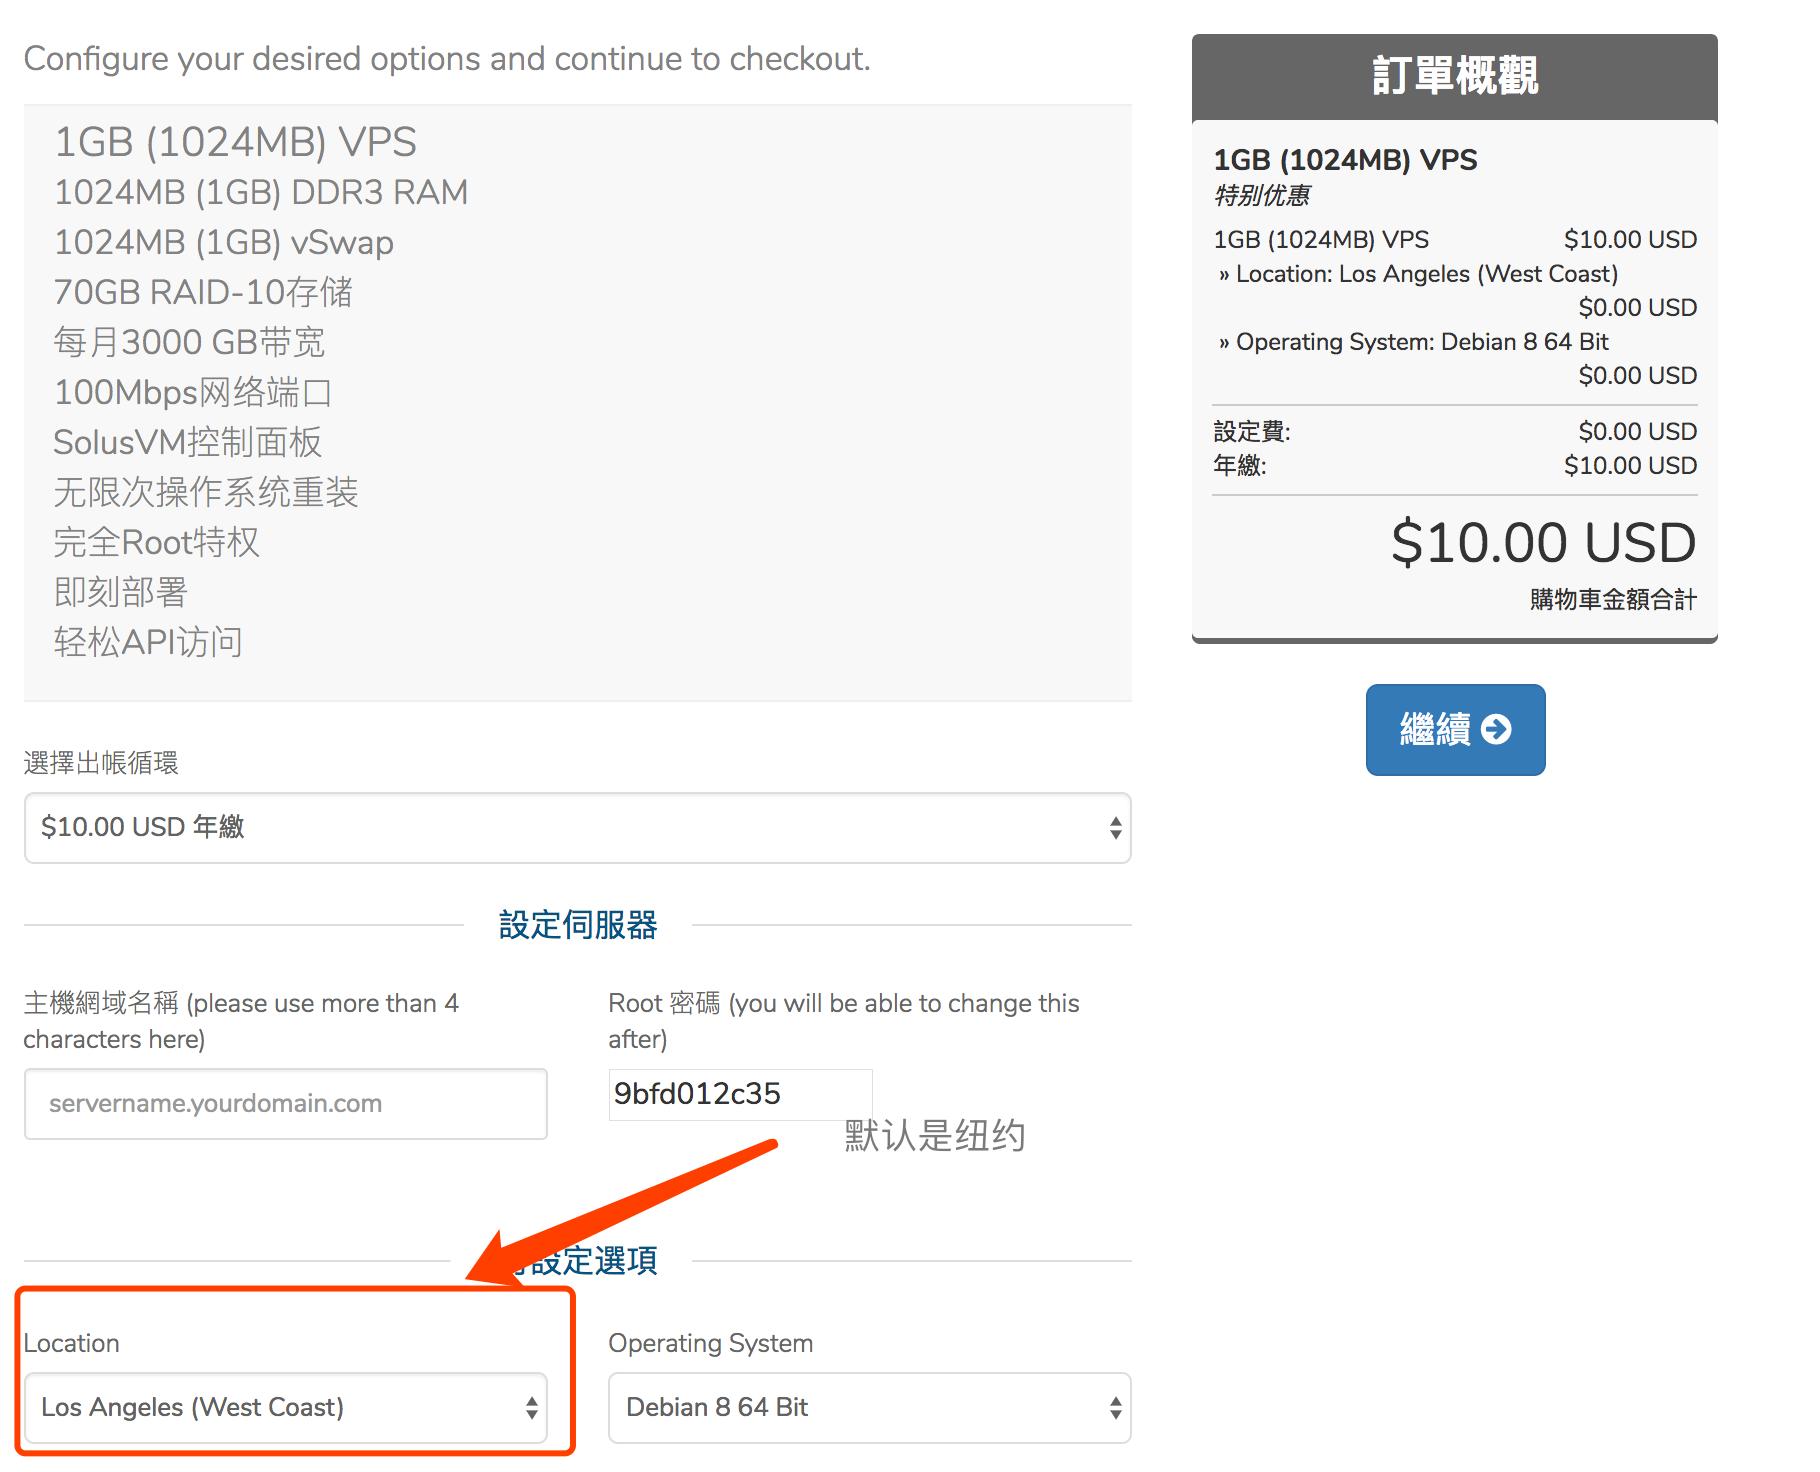 年付10美元的便宜VPS-UMaxHosting-1GB 内存-70G存储 3T流量